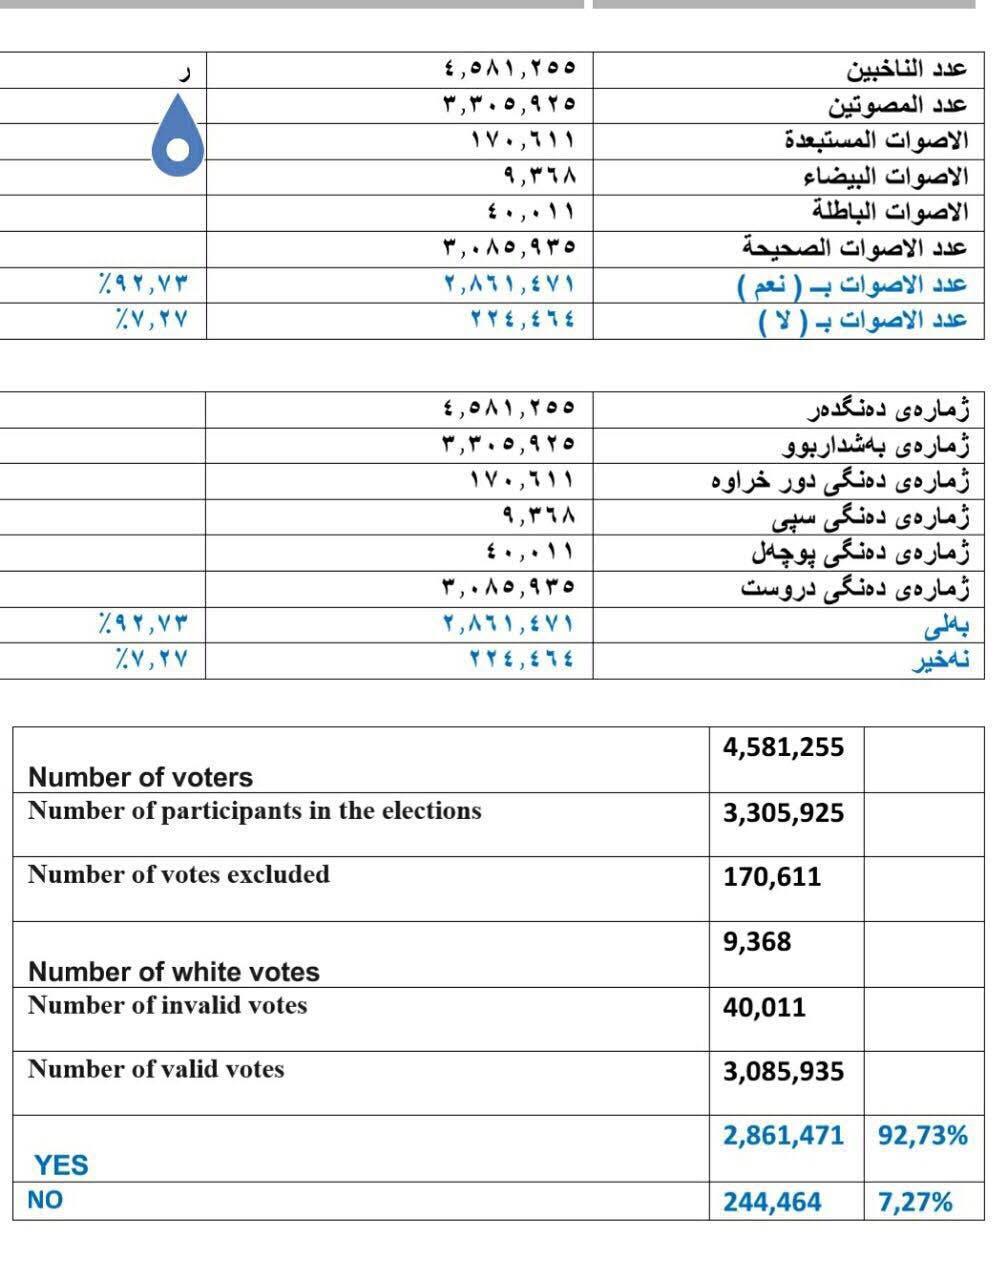 نتائج إستفتاء إقليم كردستان بالتفصيل